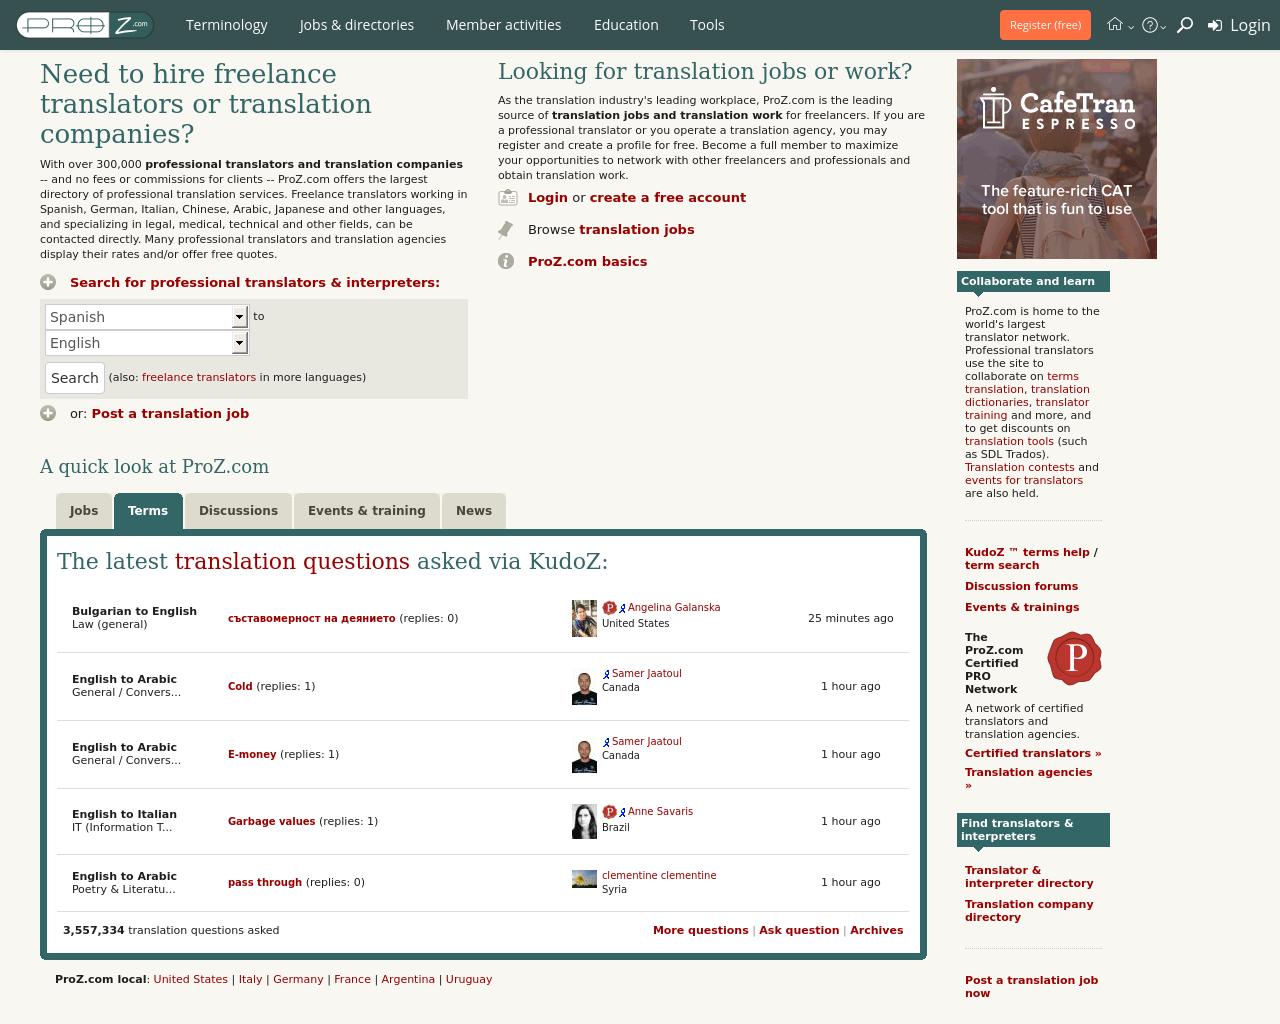 PROZ.com-Advertising-Reviews-Pricing